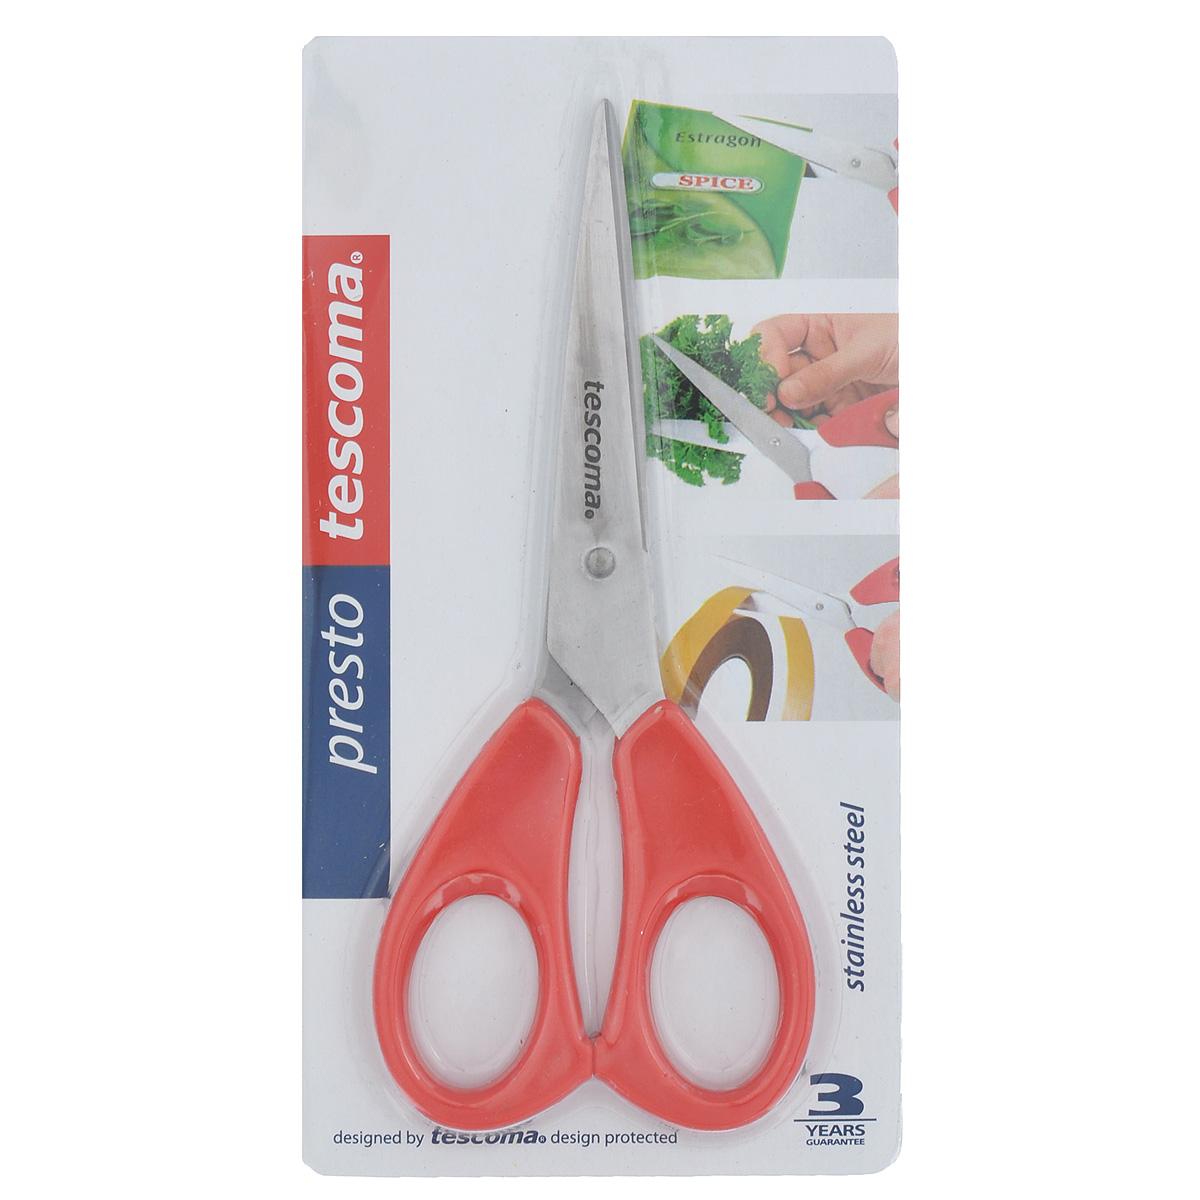 Ножницы Tescoma Presto, универсальные, 16 см888210Ножницы Tescoma Presto, легкие и удобные в использовании, изготовлены из первоклассной нержавеющей стали. Ручки сделаны из прочной пластмассы. Универсальные ножницы пригодны для резки всех обычных материалов - бумаги, ткани и др.